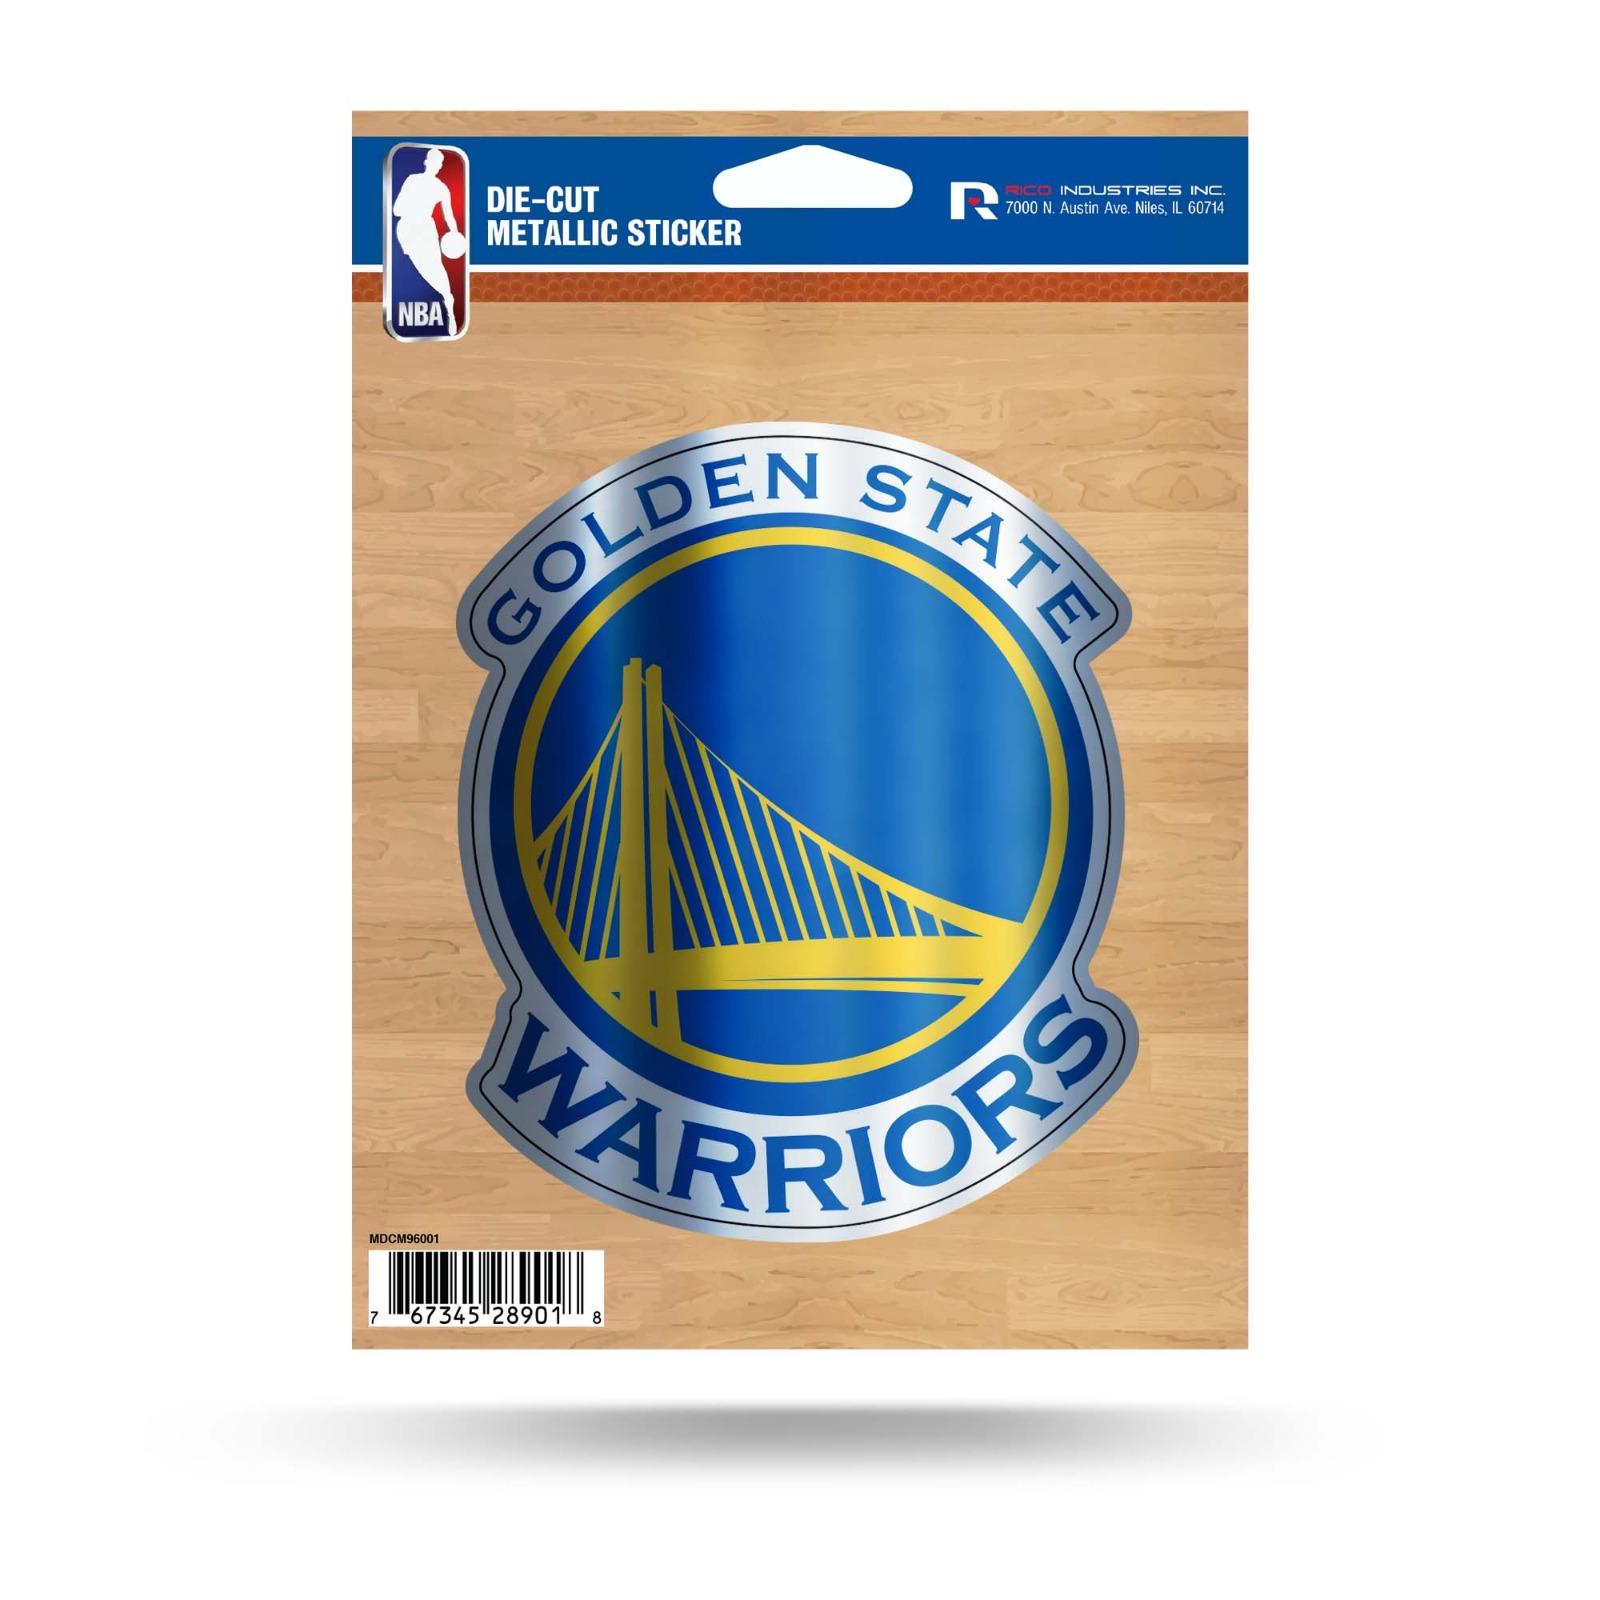 Golden state warriors 5 metallic decal die cut auto sticker emblem basketball